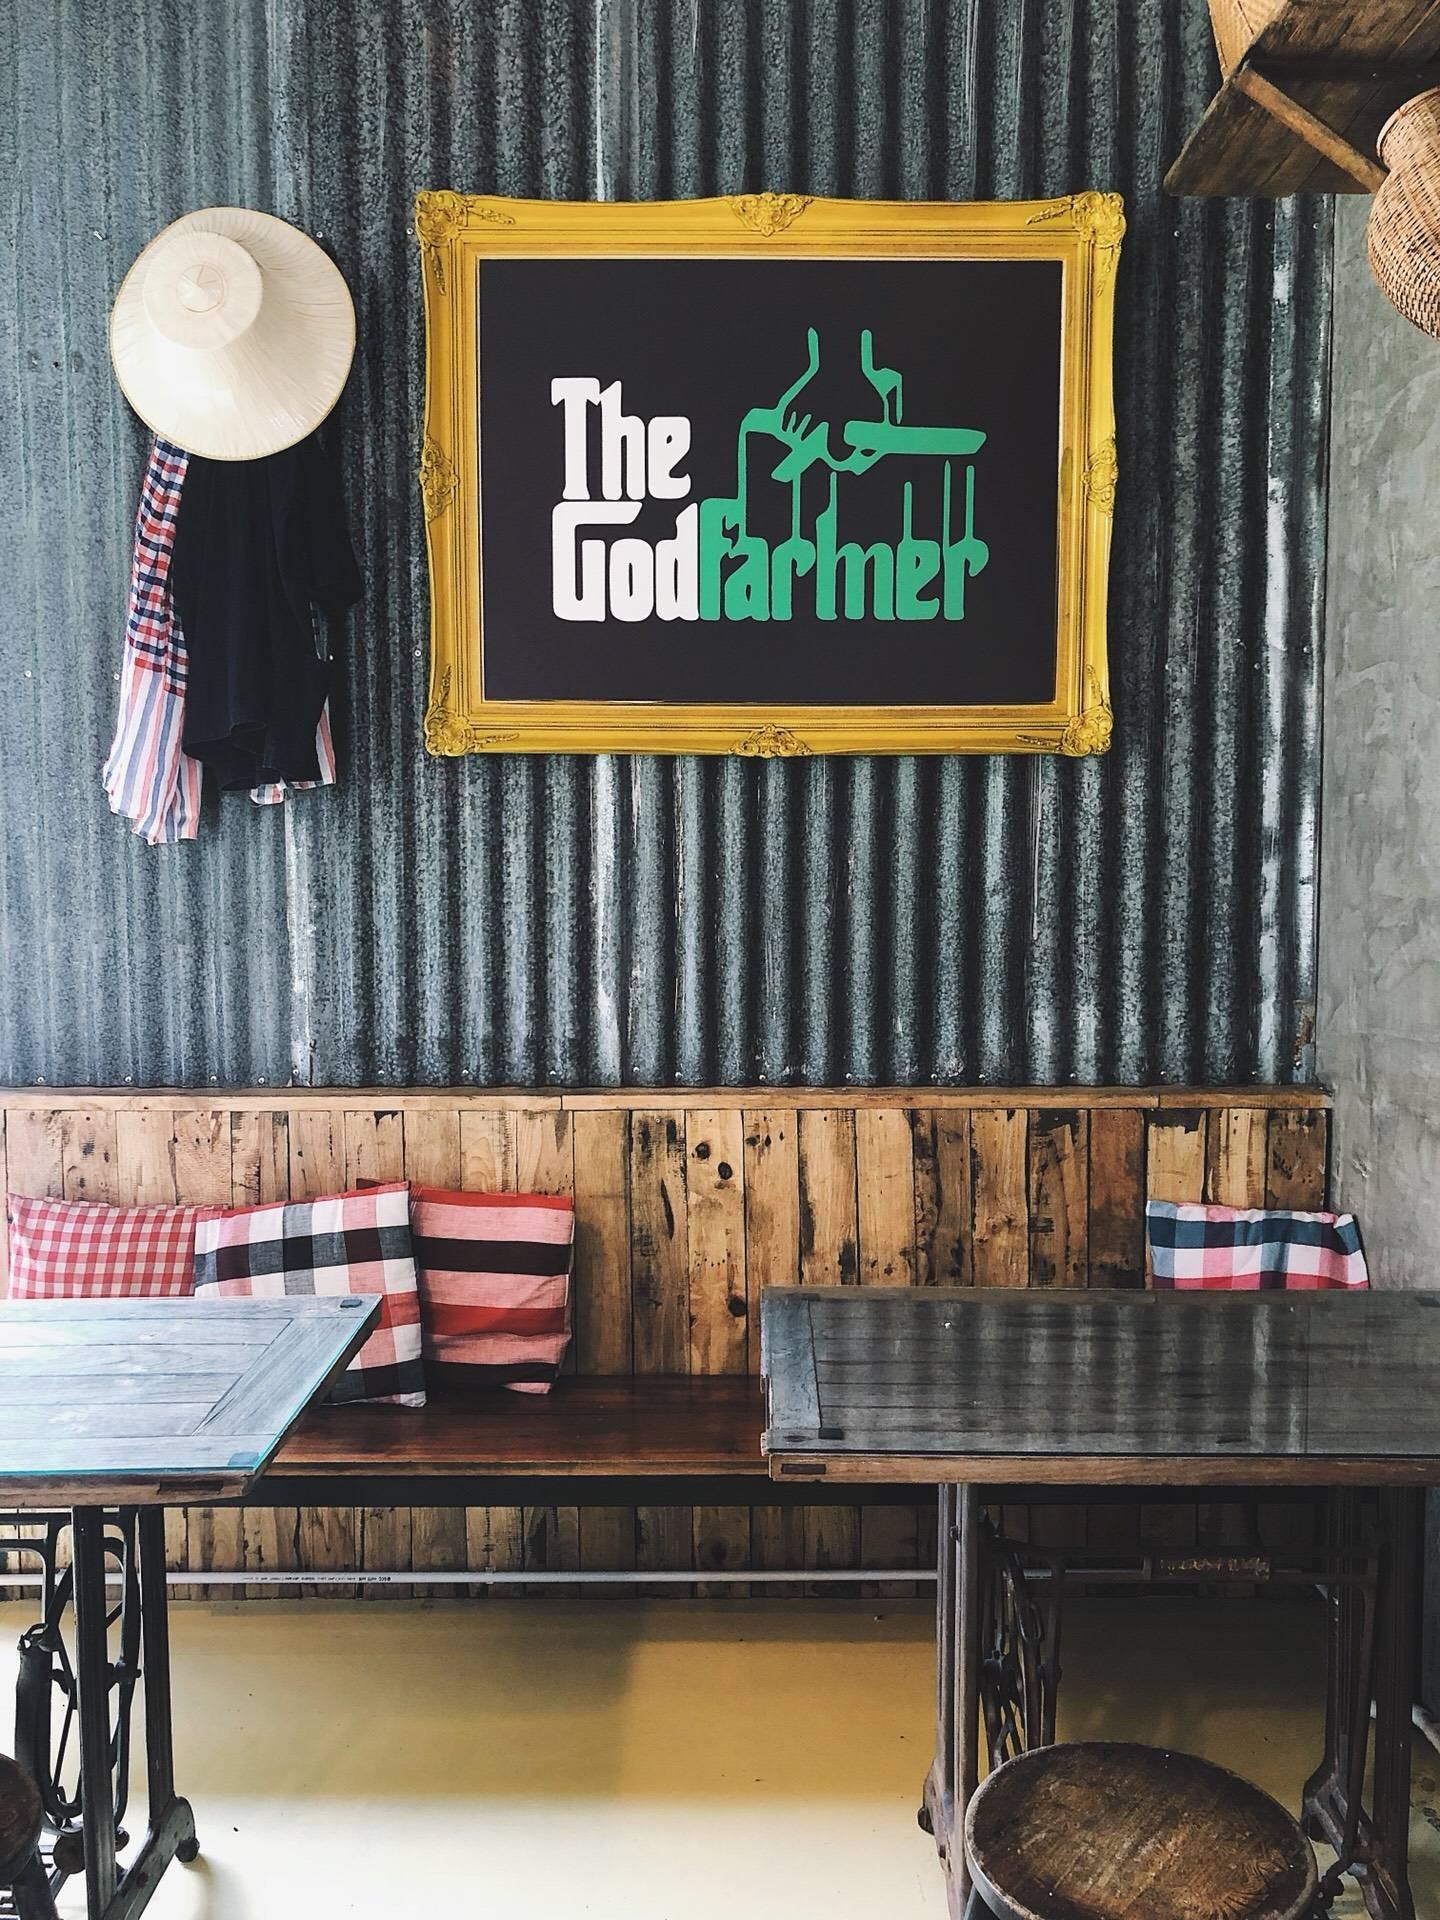 นา นา นา Cafe & Farmers Market ม.เกษตร บางเขน